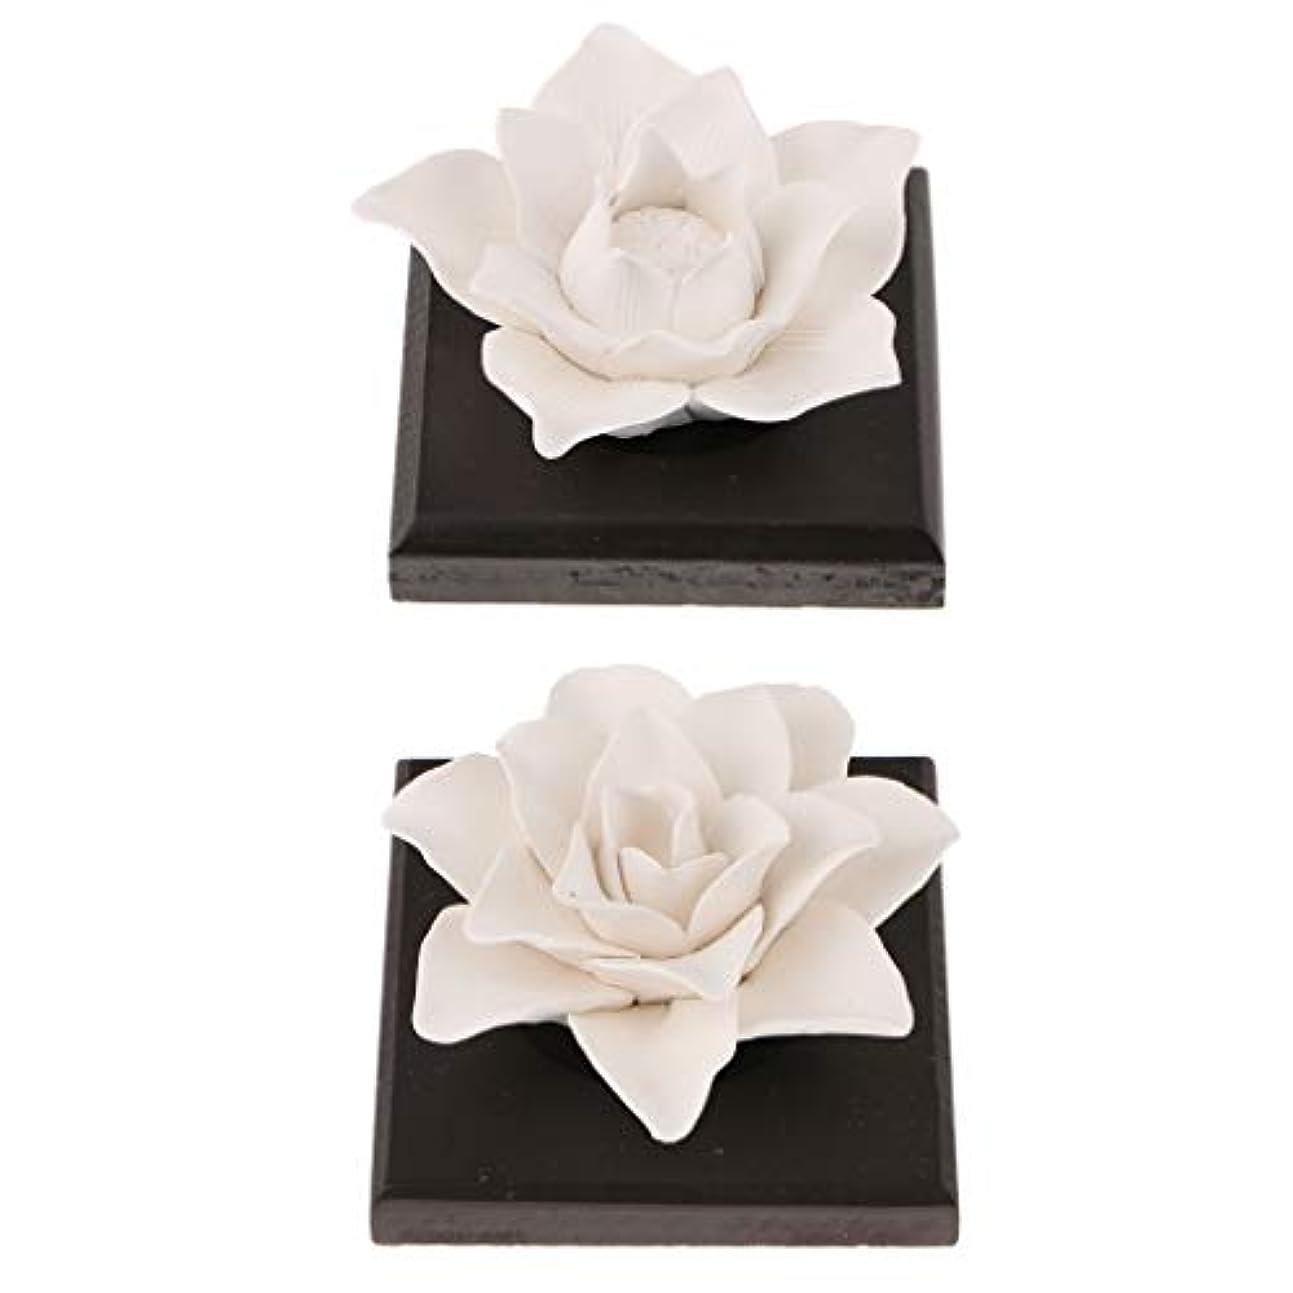 彼最大の不格好B Blesiya 美しい セラミック 花 エッセンシャルオイル 香水 香り ディフューザー 装飾品 2個